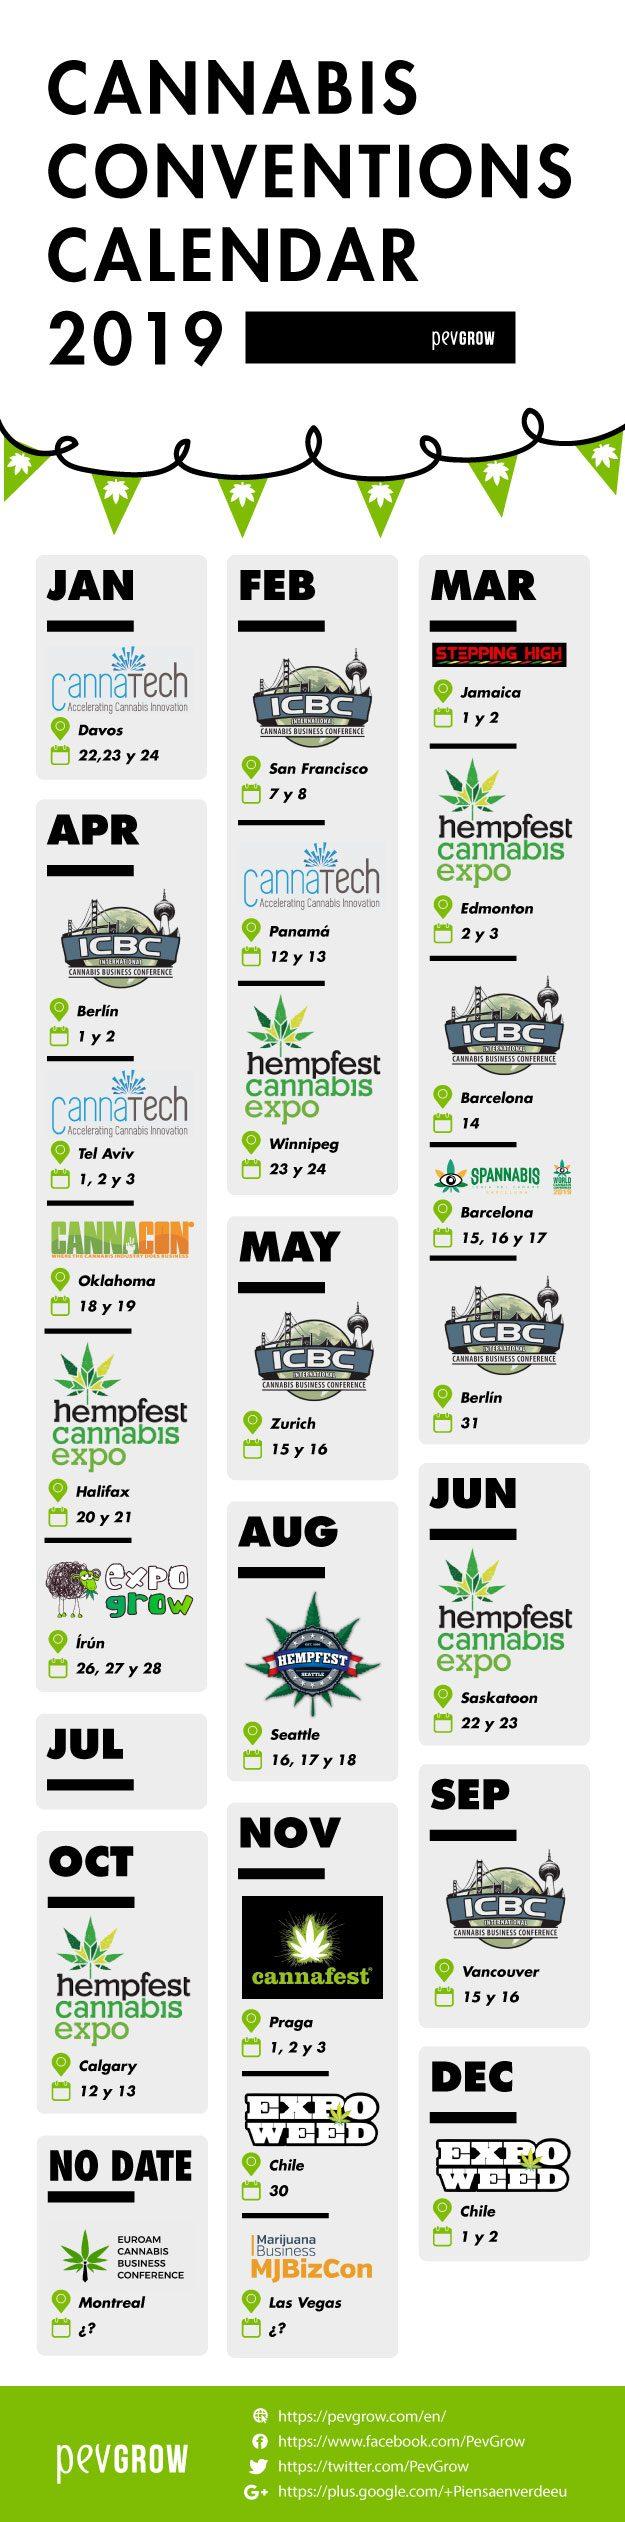 Cannabis conventions calendar 2019